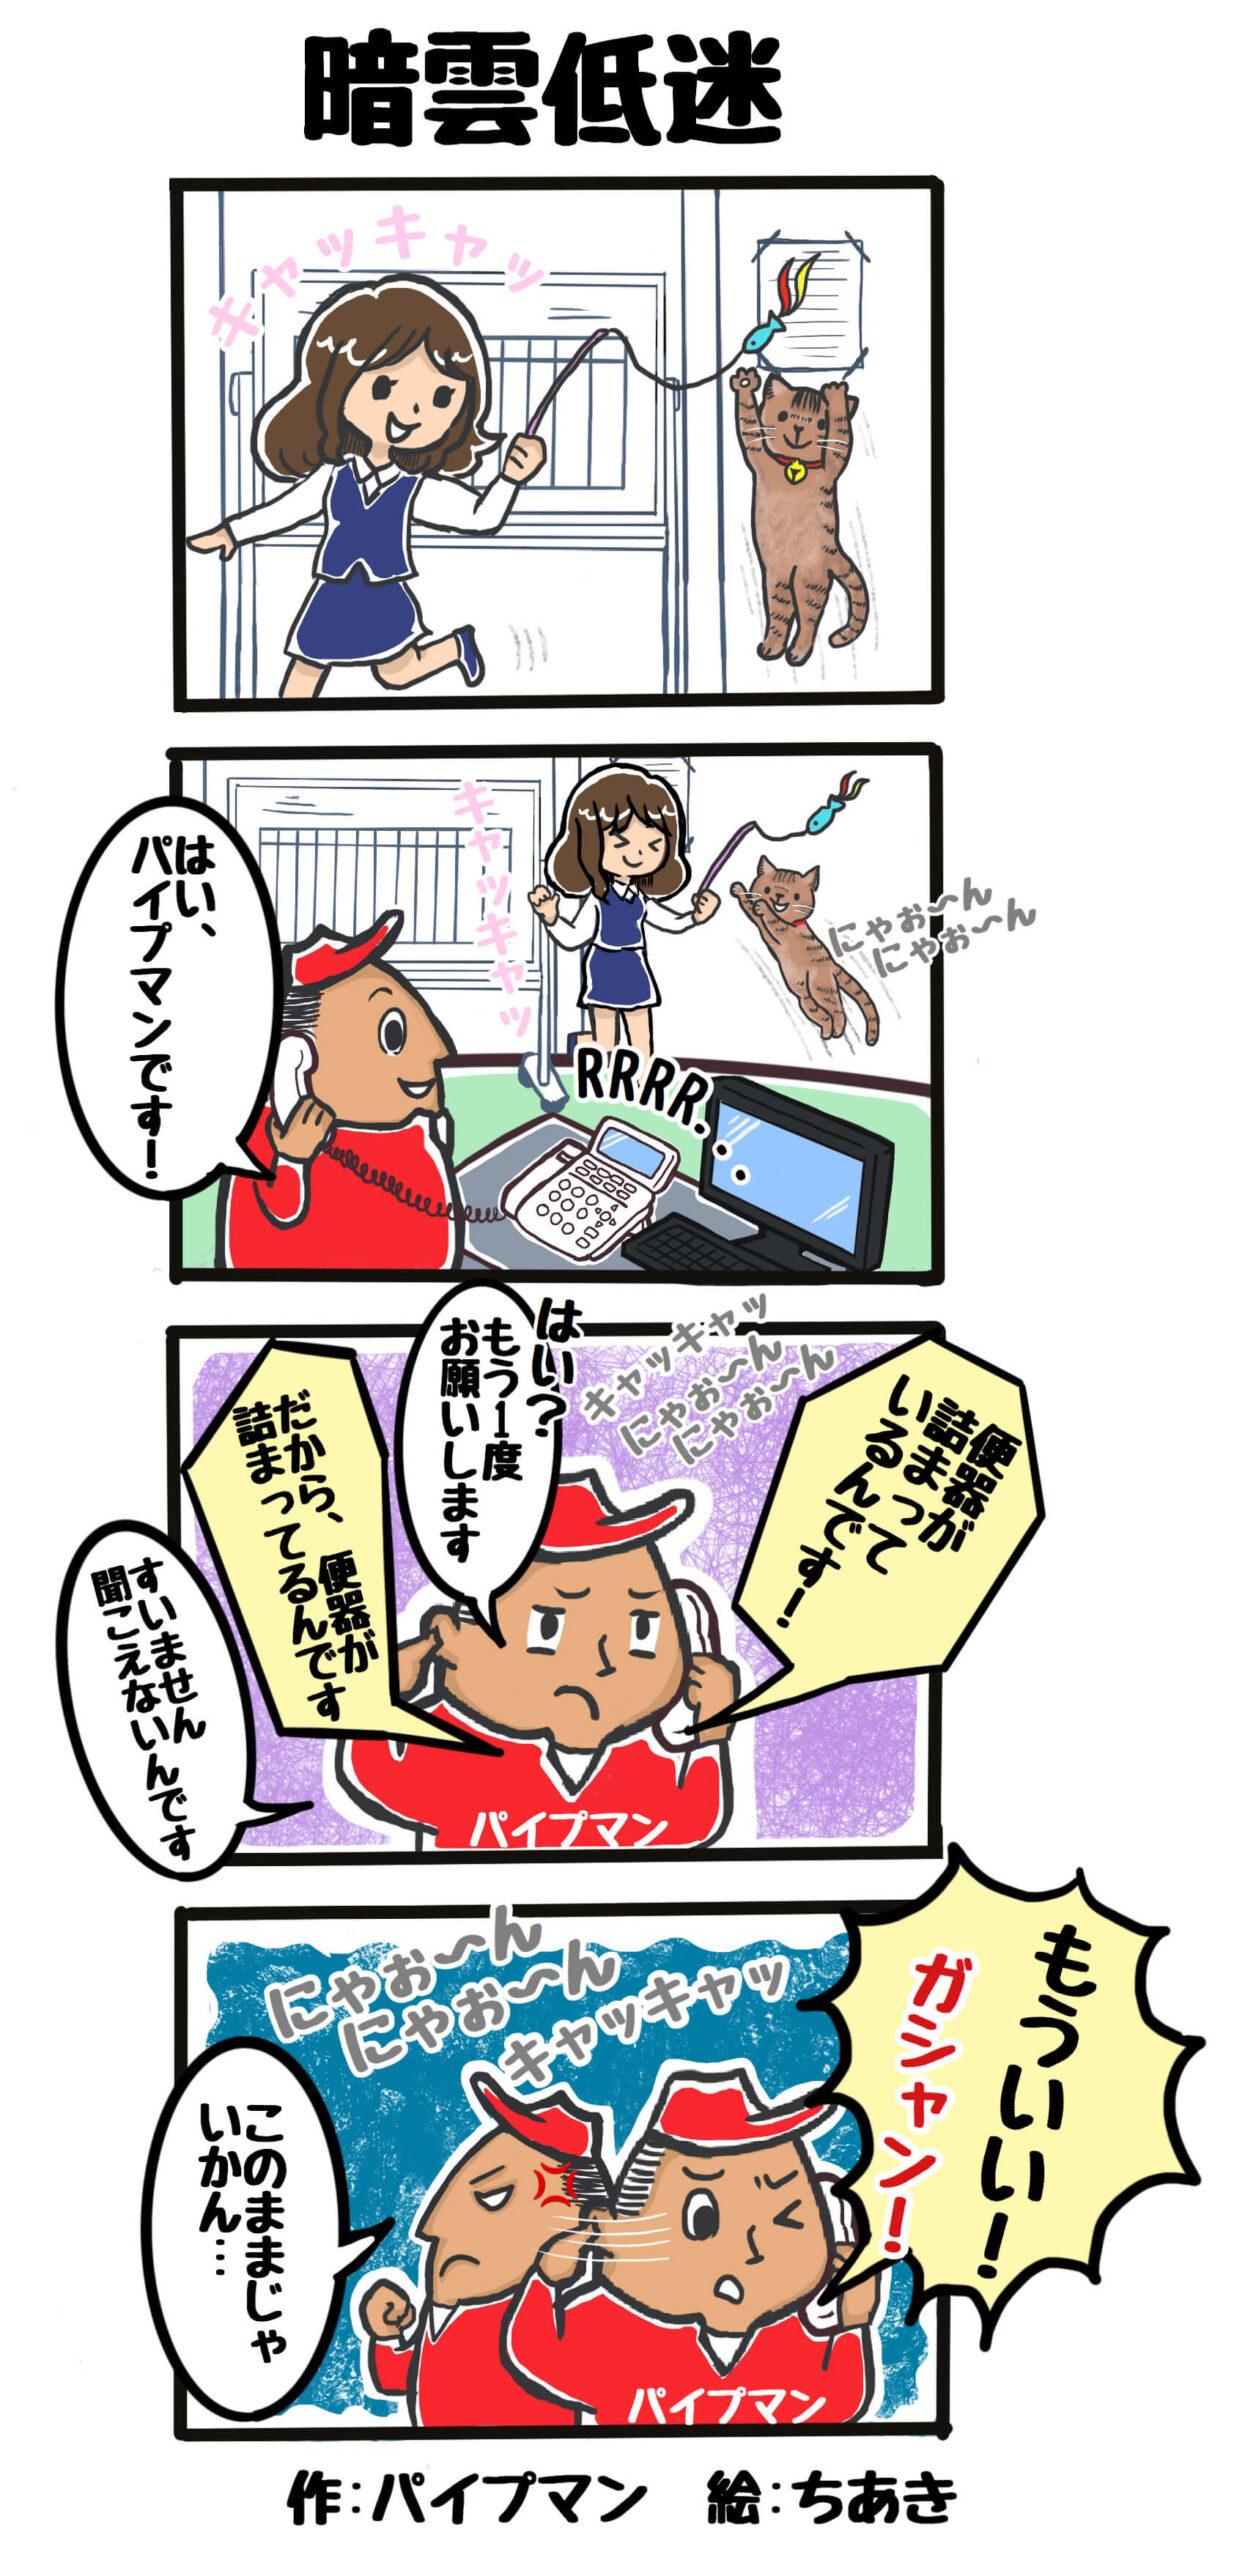 パイプマン漫画31話